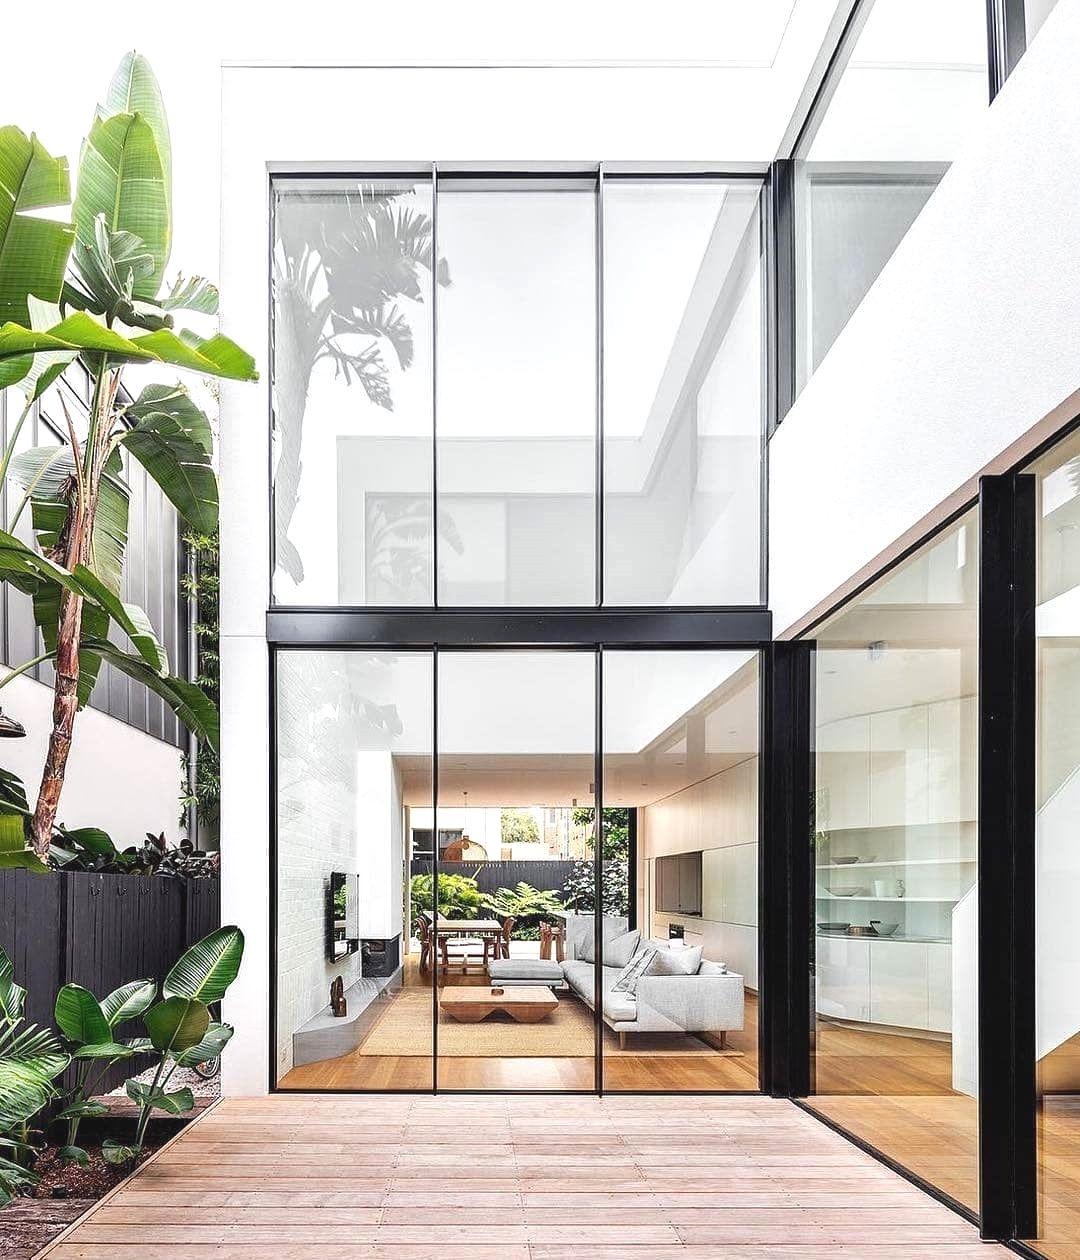 Pinterest also cloud house by akin atelier glashaus haus projekte architektur rh